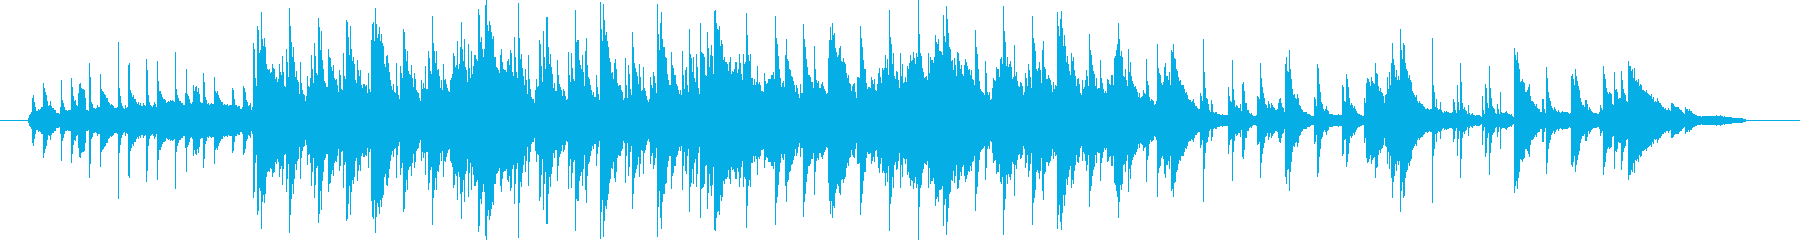 ピアノ曲です。すこし暗めのヒーリングミ…の再生済みの波形